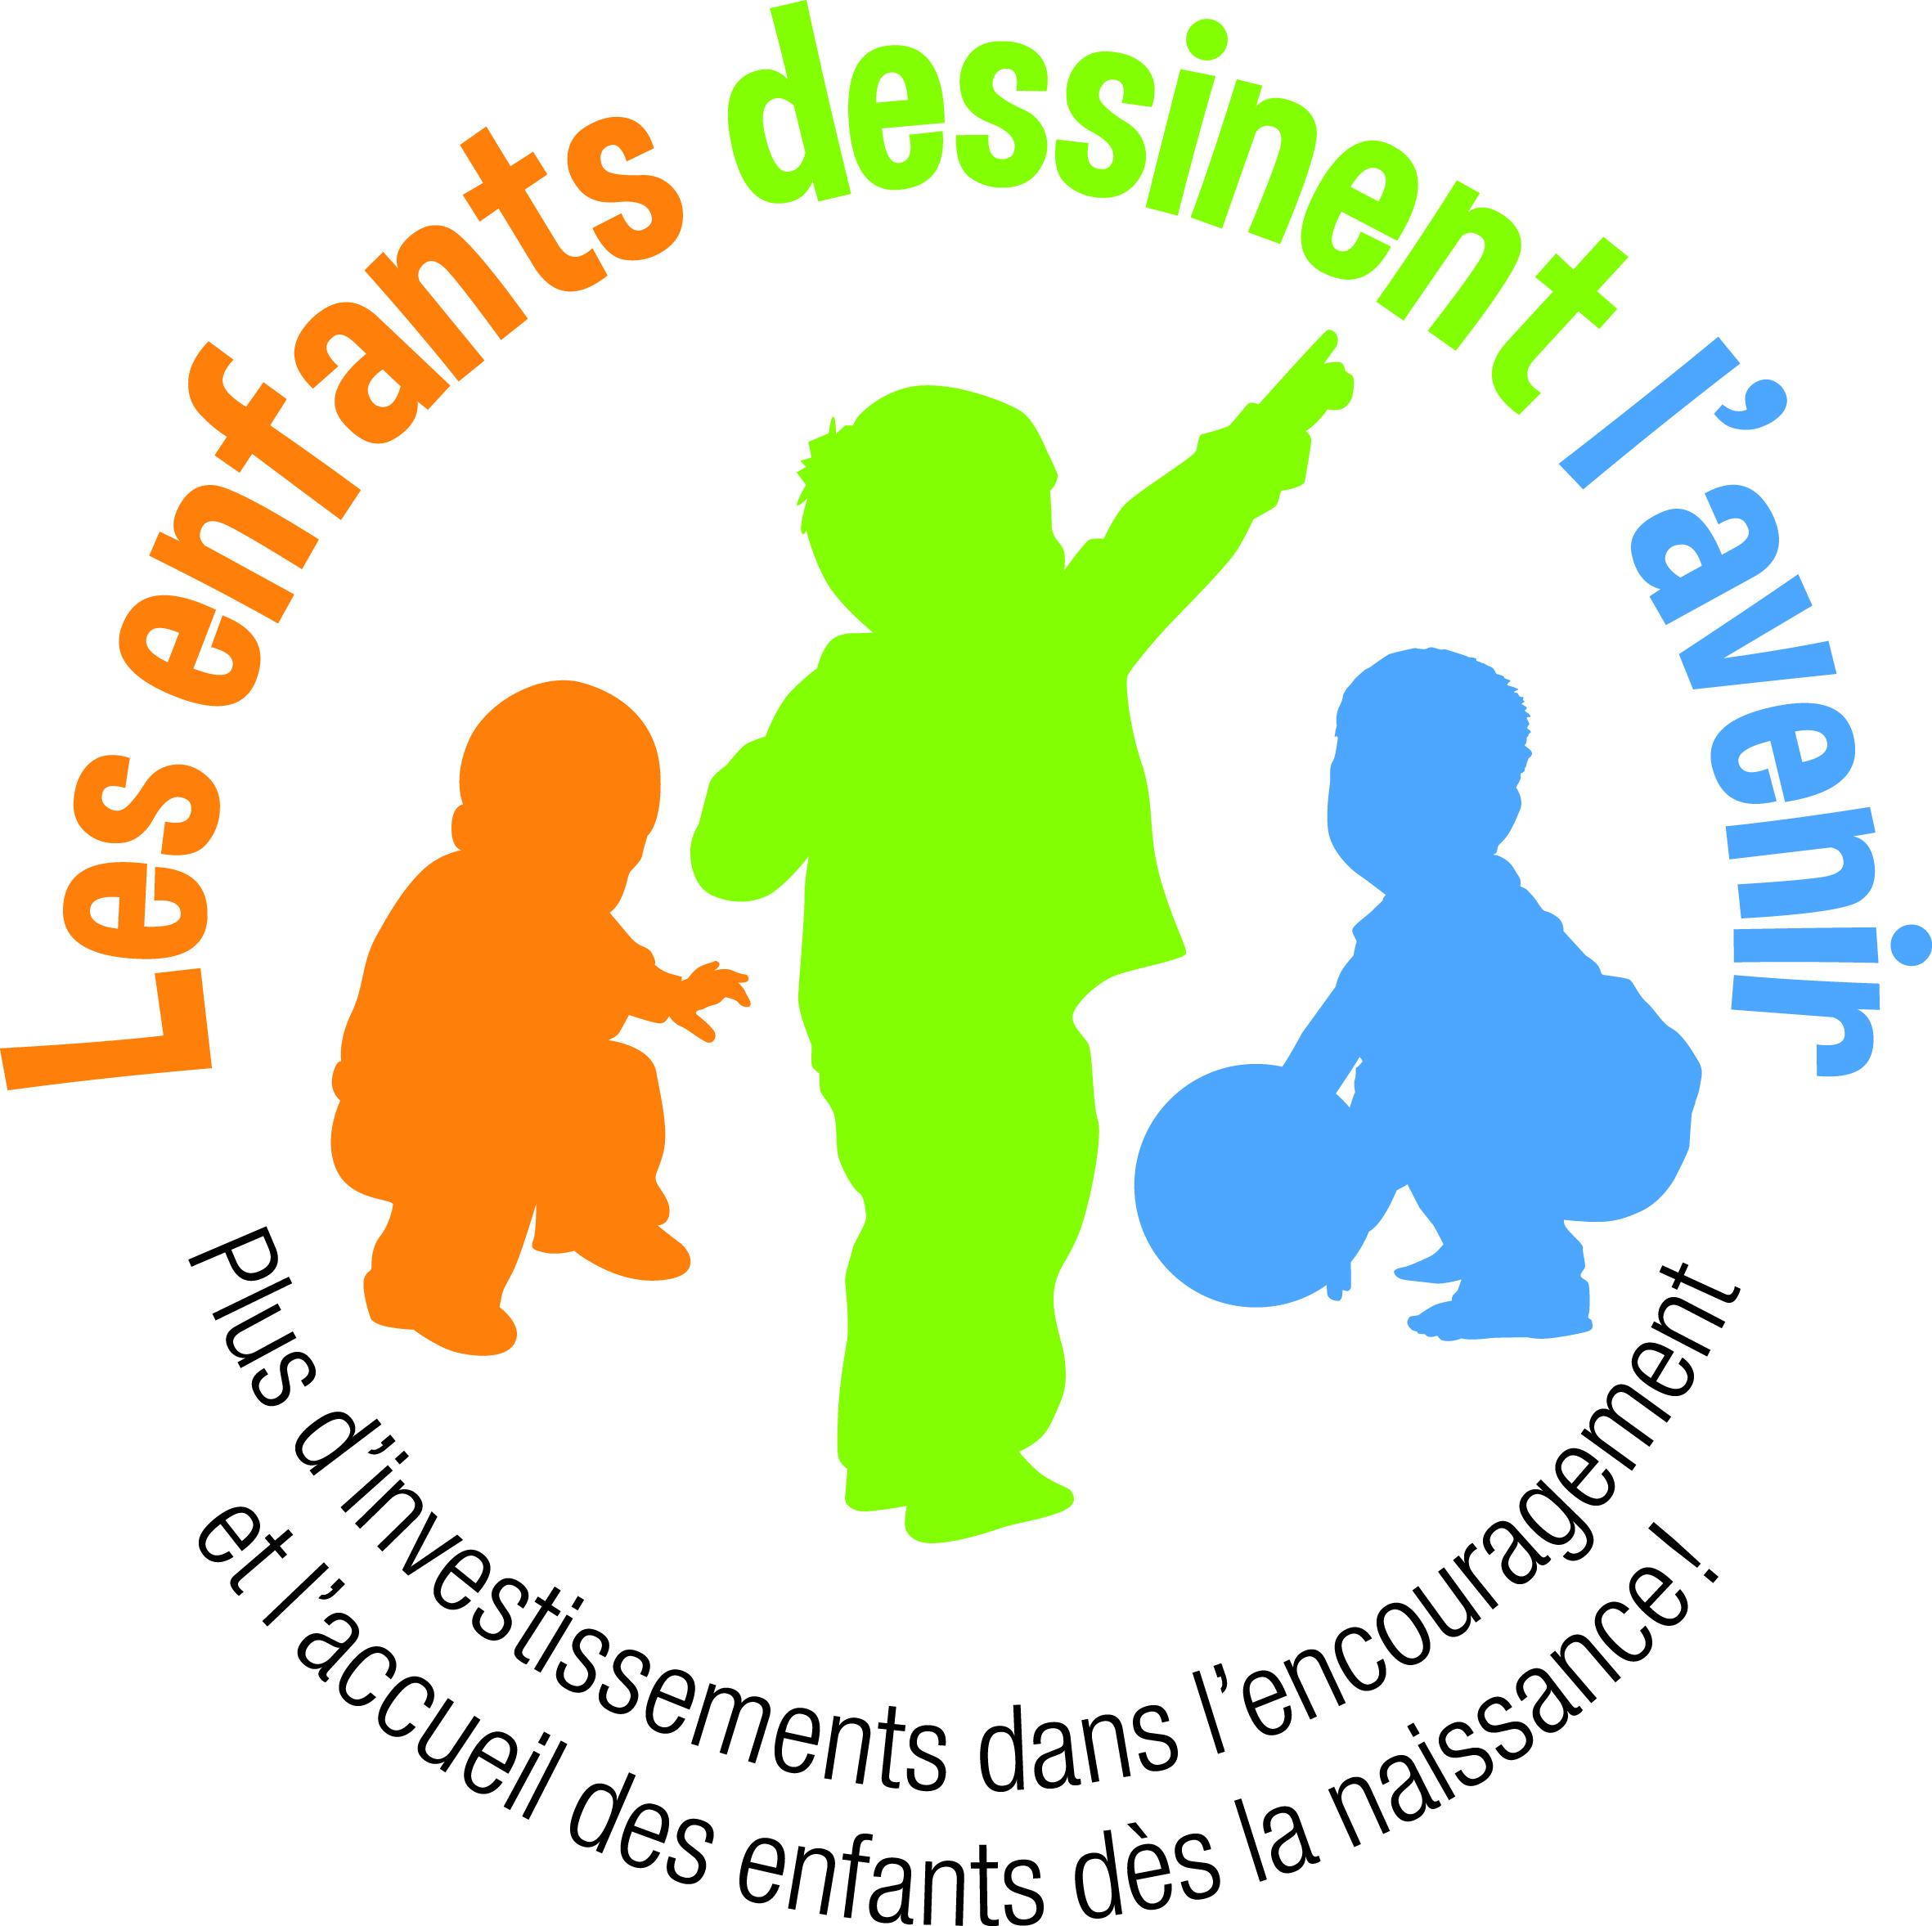 """Campagne """"Les enfants dessinent l'avenir - Plus d'investissements dans  l'encouragement et l'accueil des enfants"""